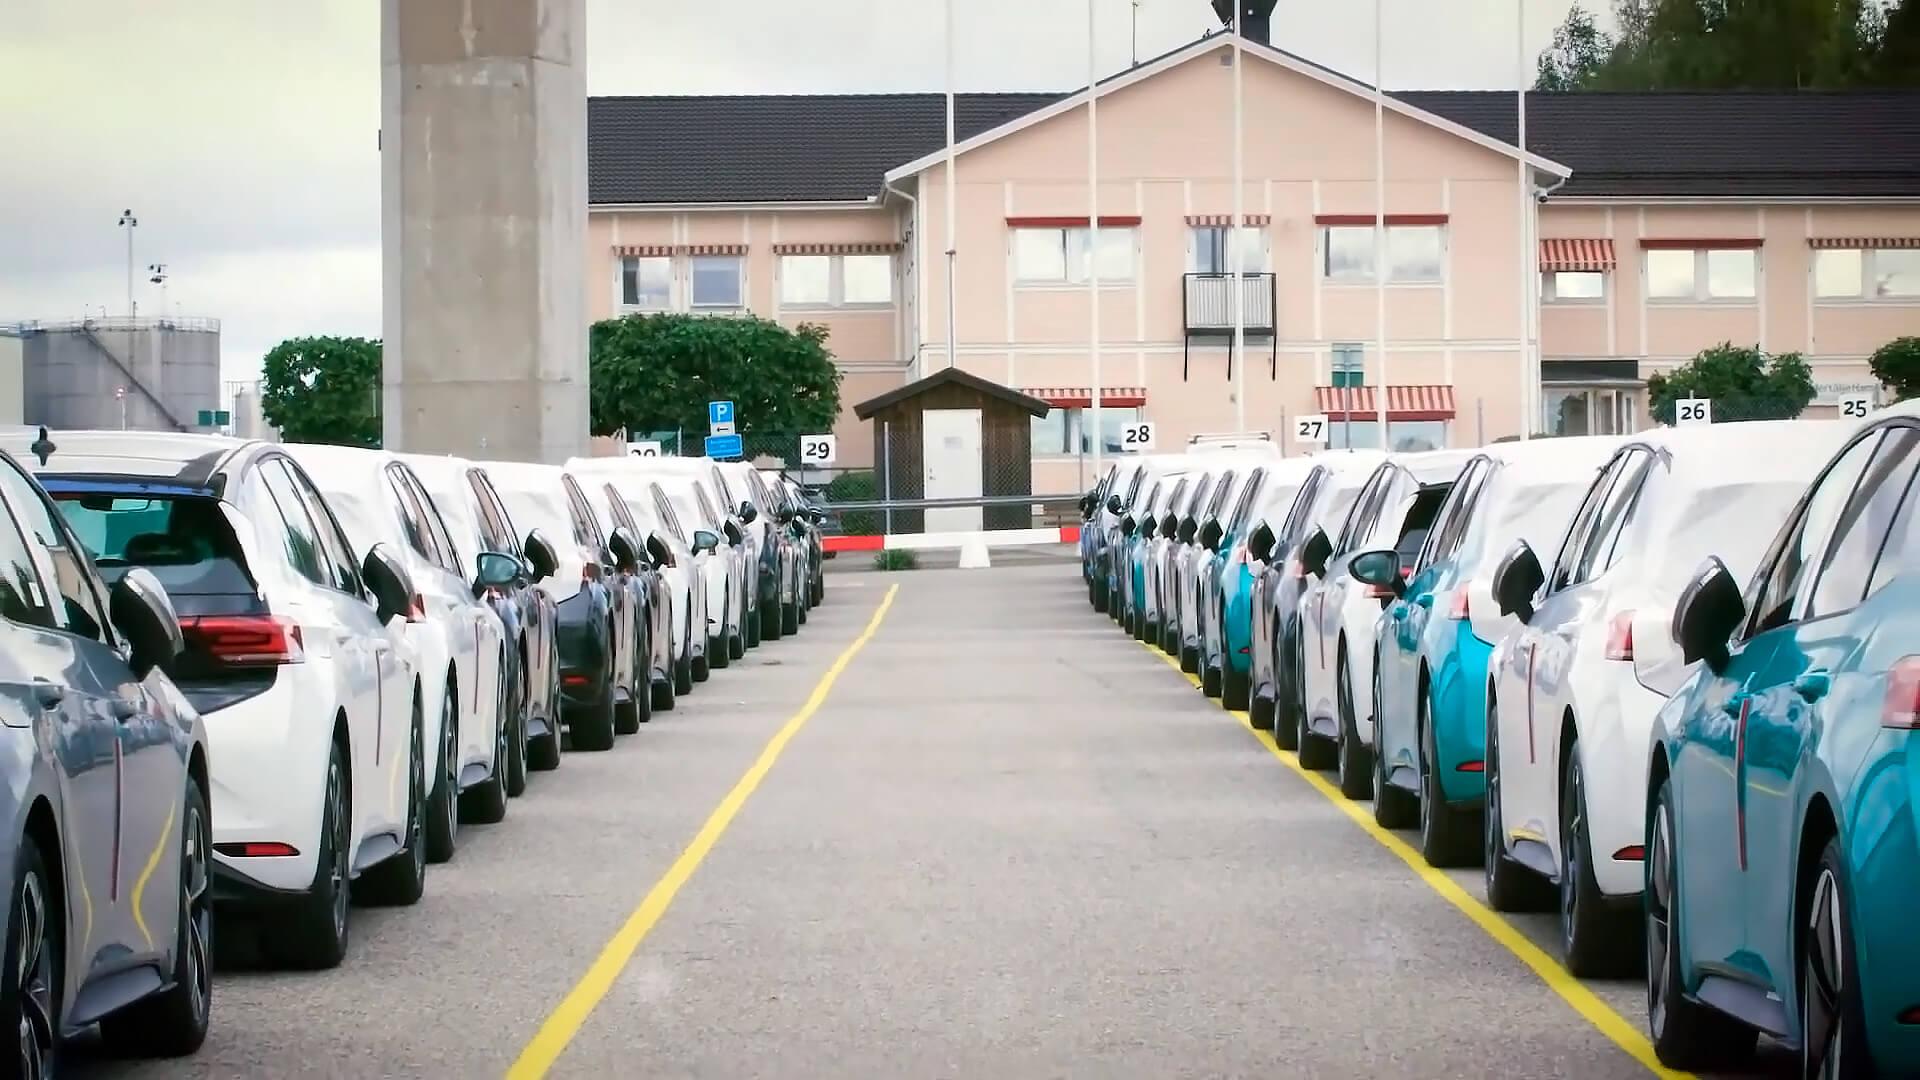 В шведский порт прибыло 300 Volkswagen ID.3 первого издания